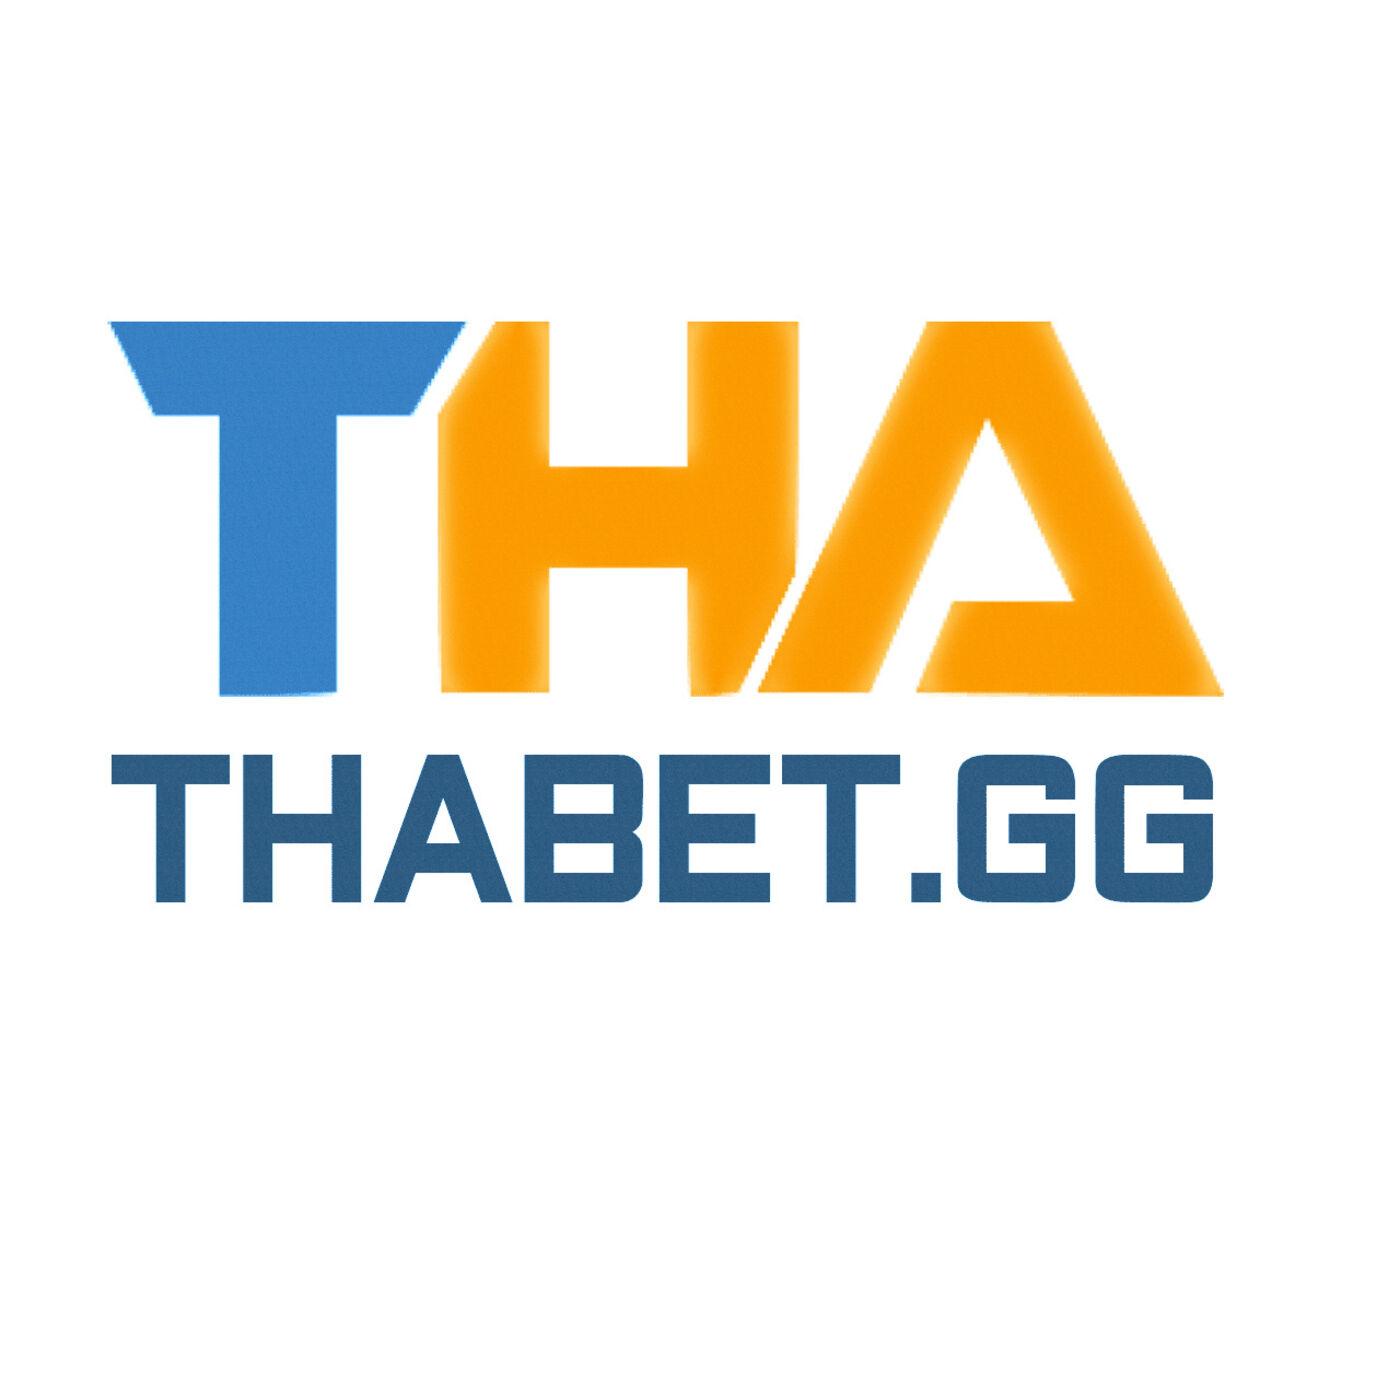 Nha cai Thabet - Soi cau XSMB chuan xac